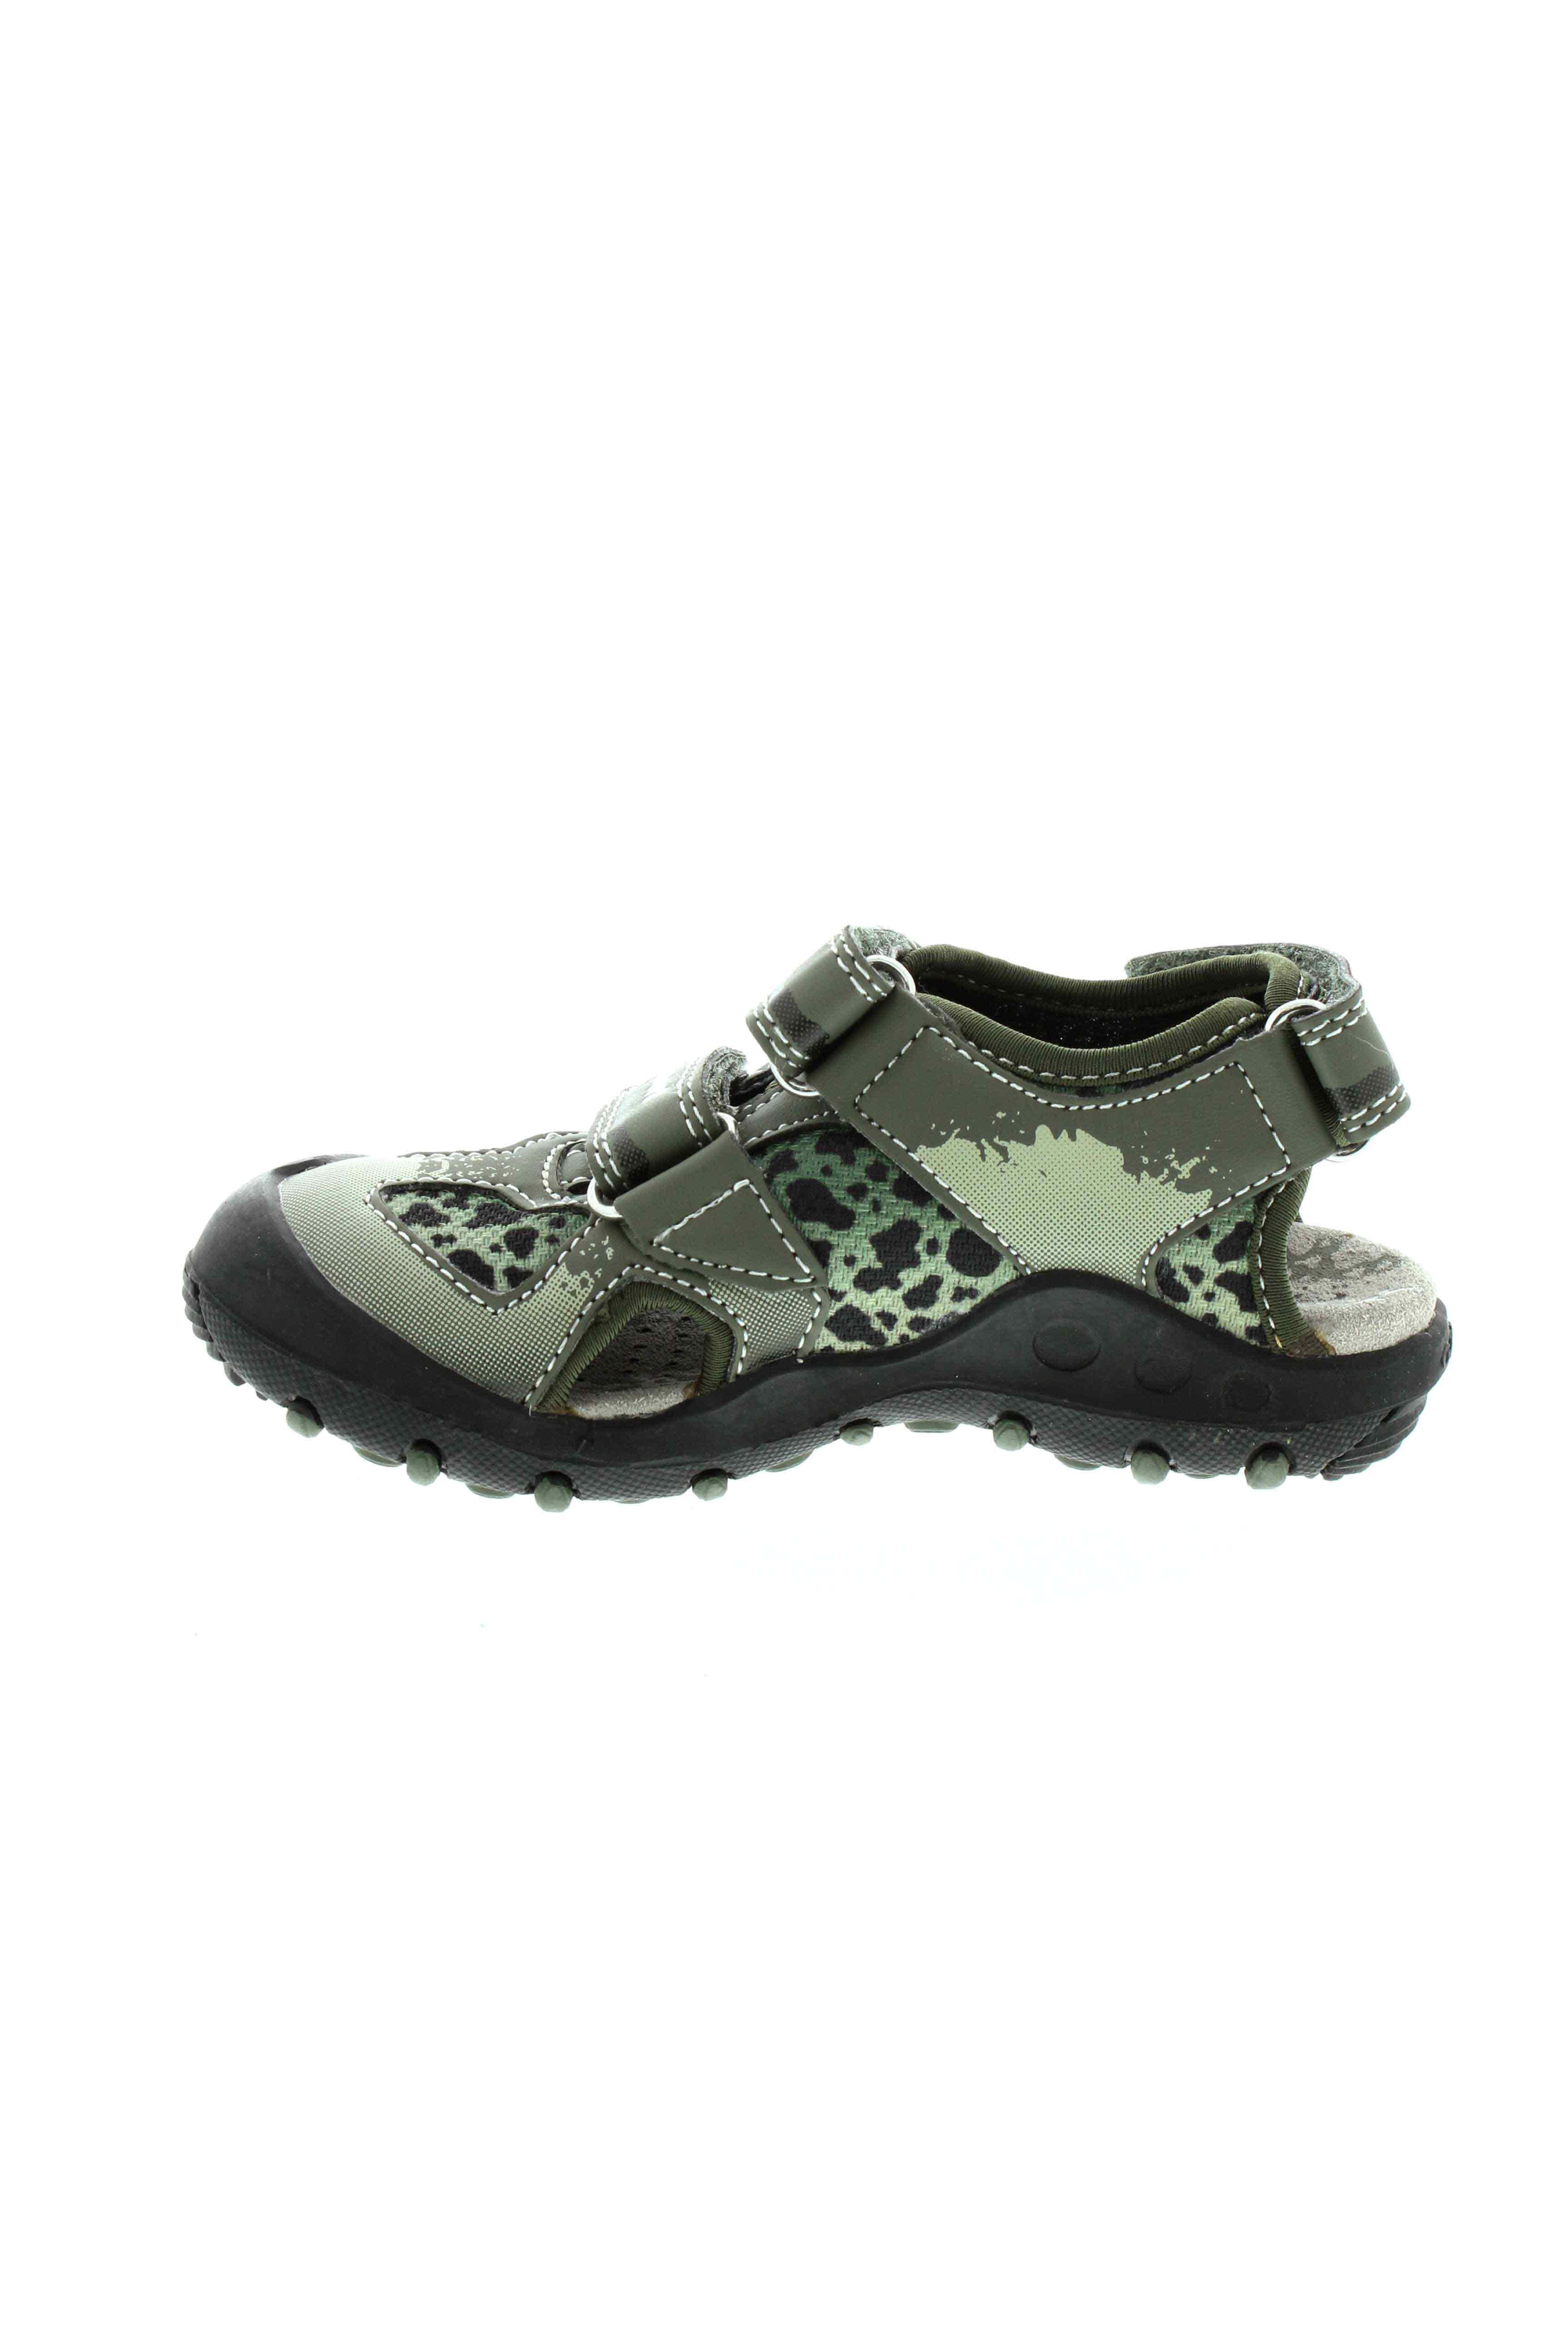 geox sandales nu pieds garcon de couleur vert en soldes pas cher 785541 vert00 modz. Black Bedroom Furniture Sets. Home Design Ideas